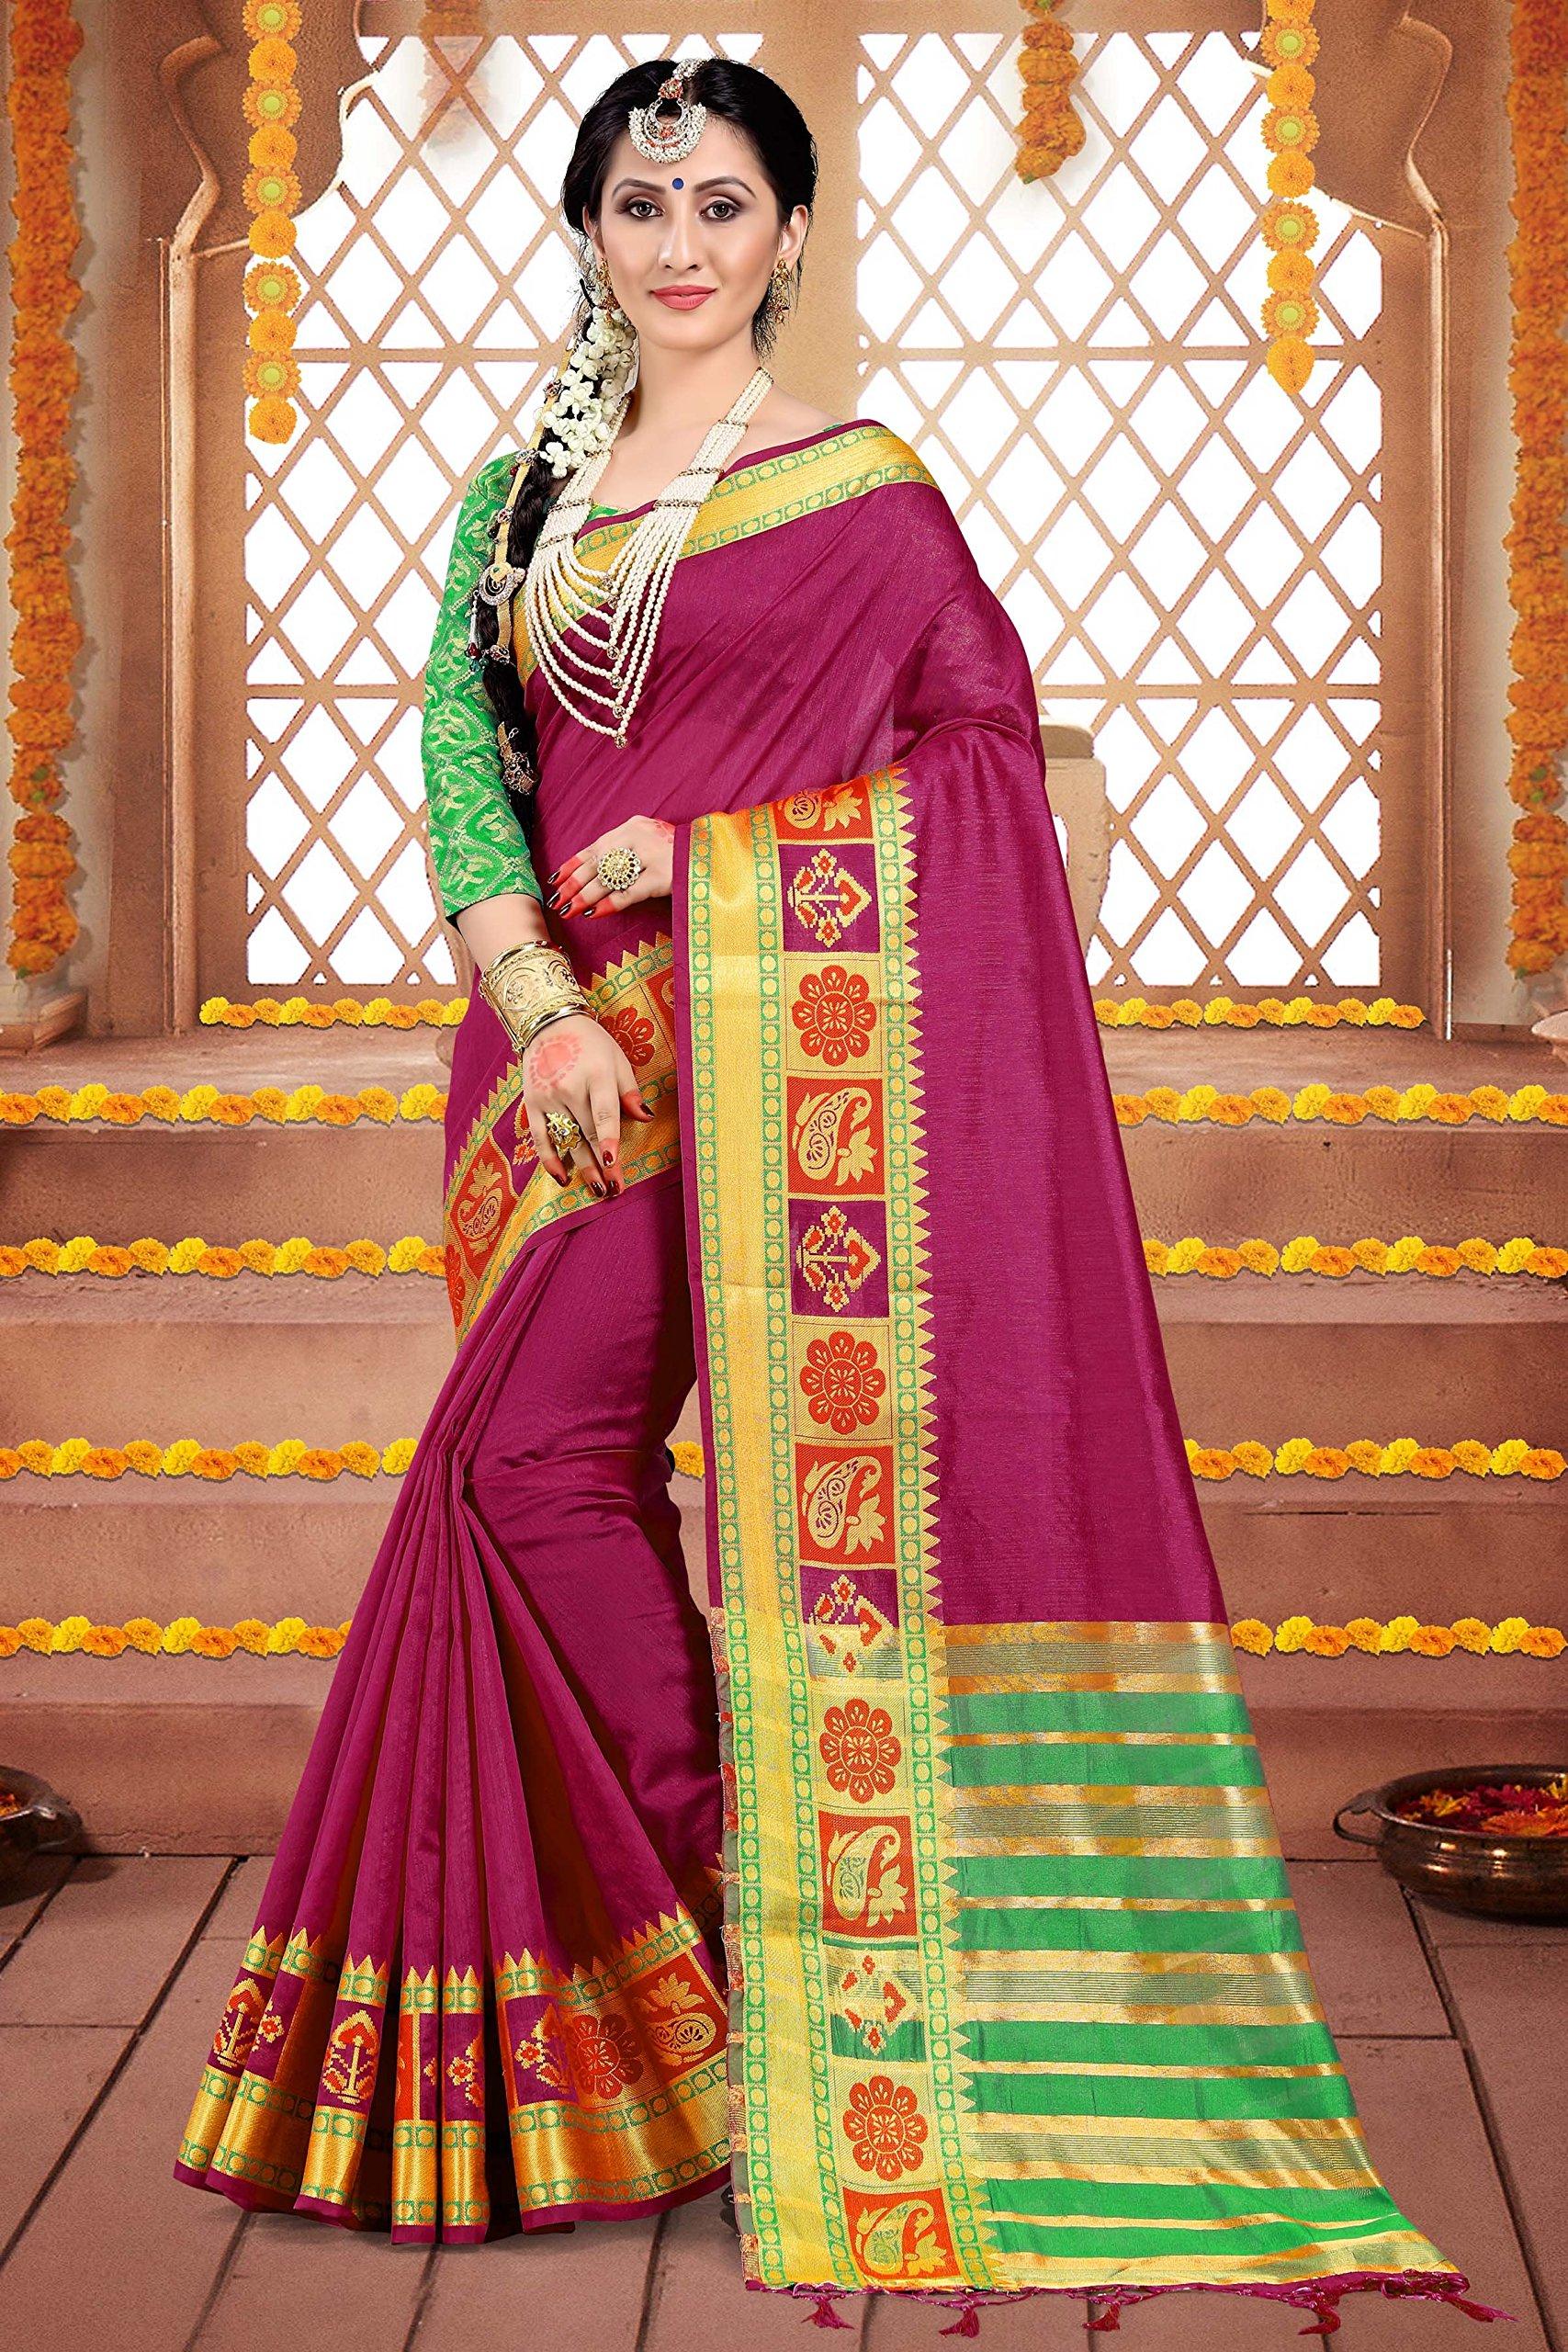 ELINA FASHION Sarees Women Cotton Silk Woven Saree l Indian Wedding Gift Sari Un Stitched Blouse by ELINA FASHION (Image #2)